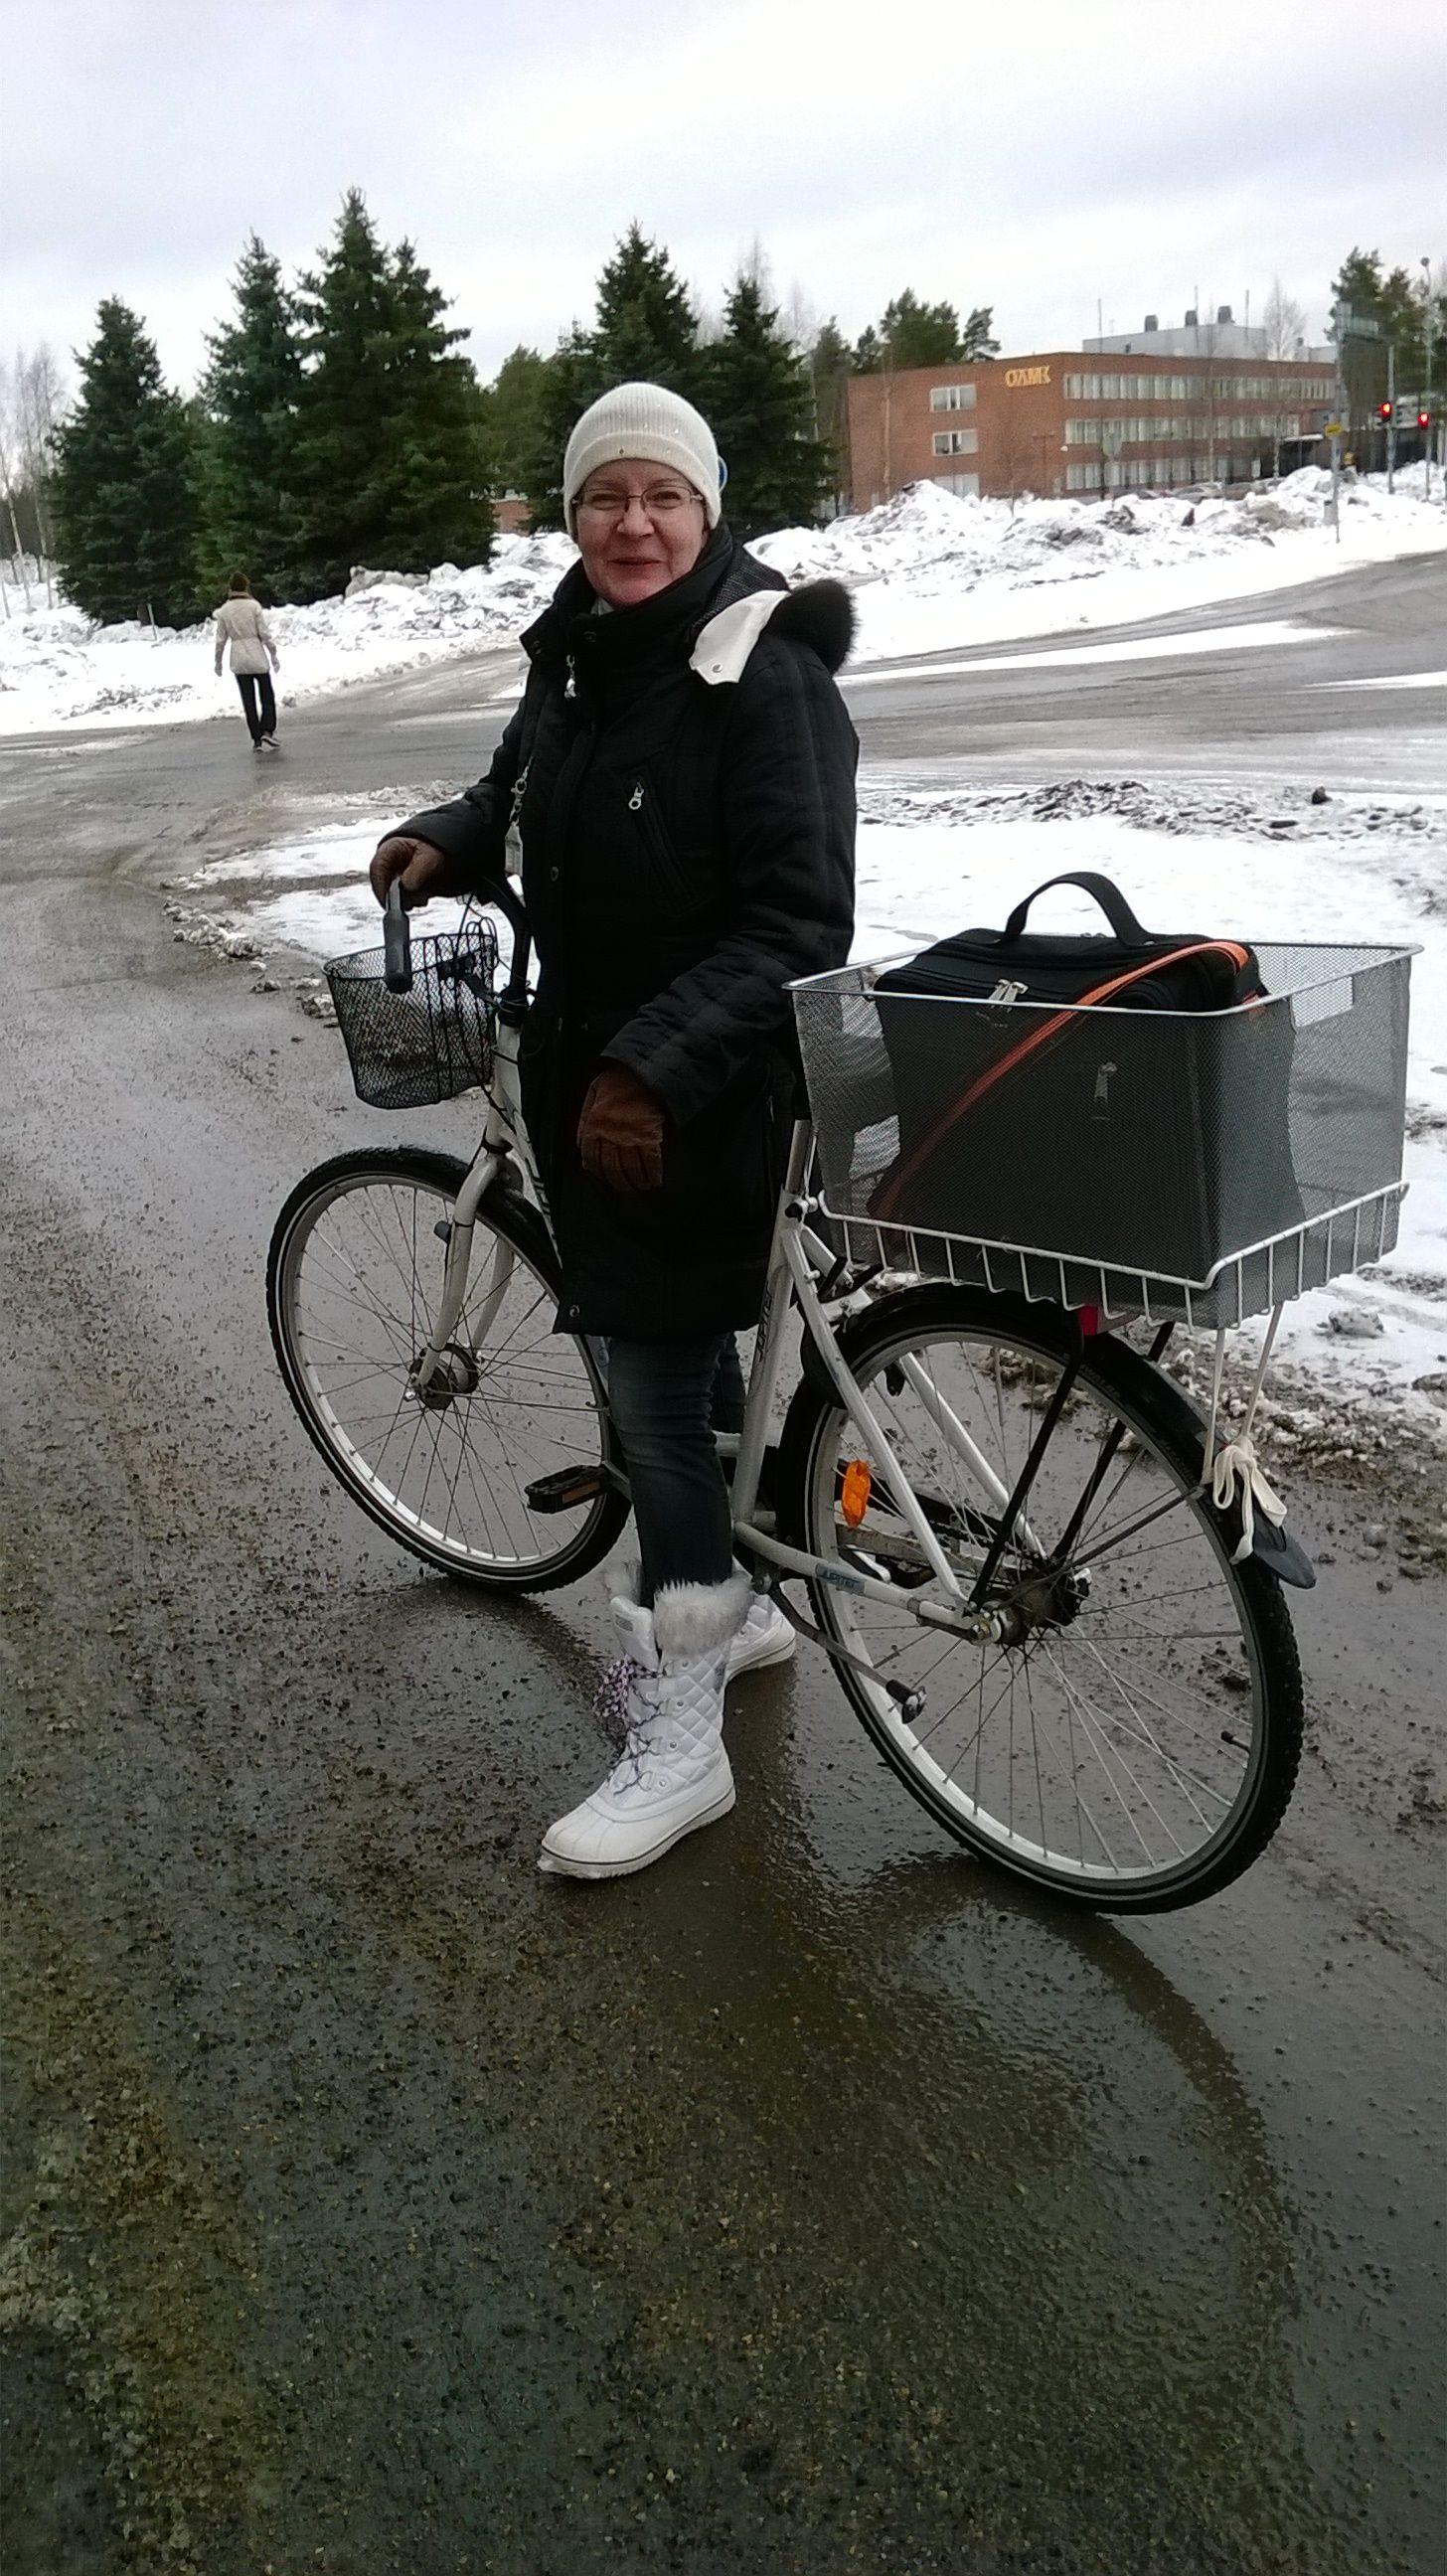 Polkupyörällä työmatka taittuu kätevästi